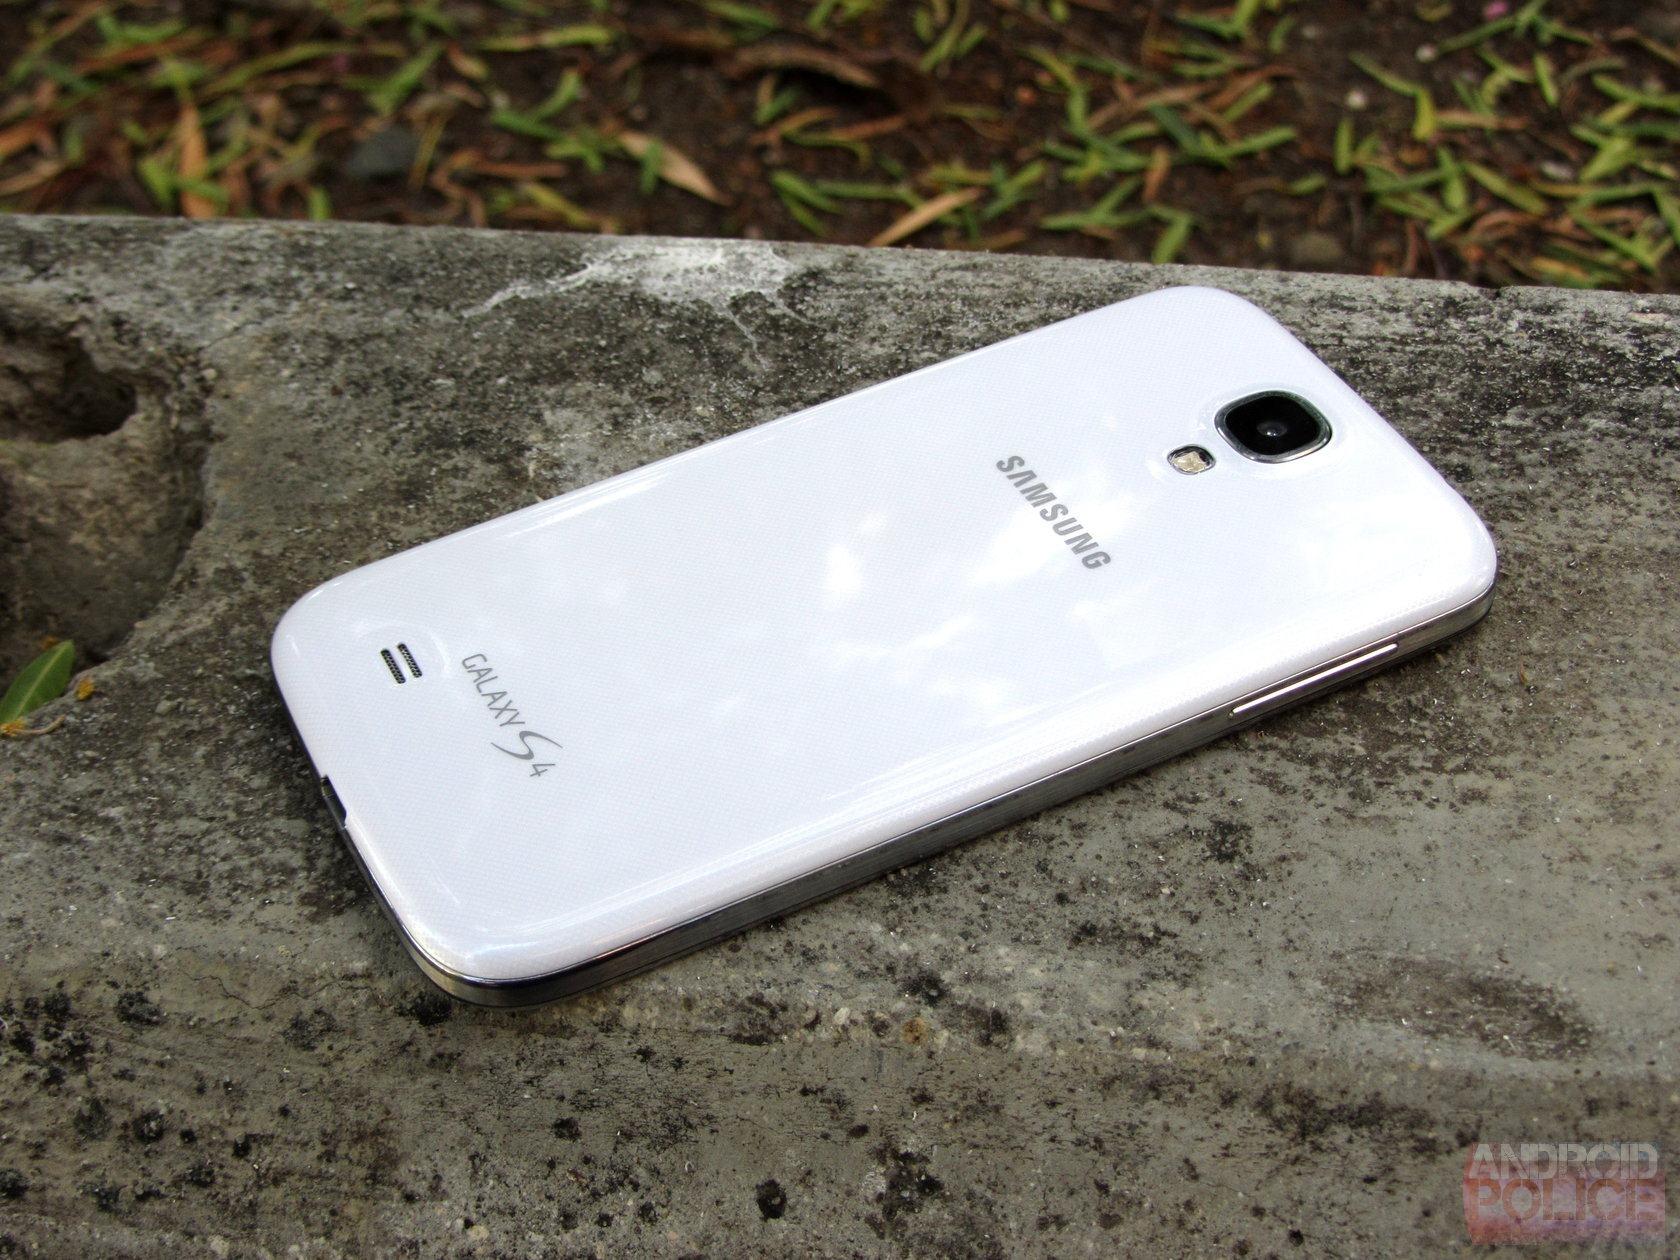 Samsung Galaxy S4 Gets a Little Update